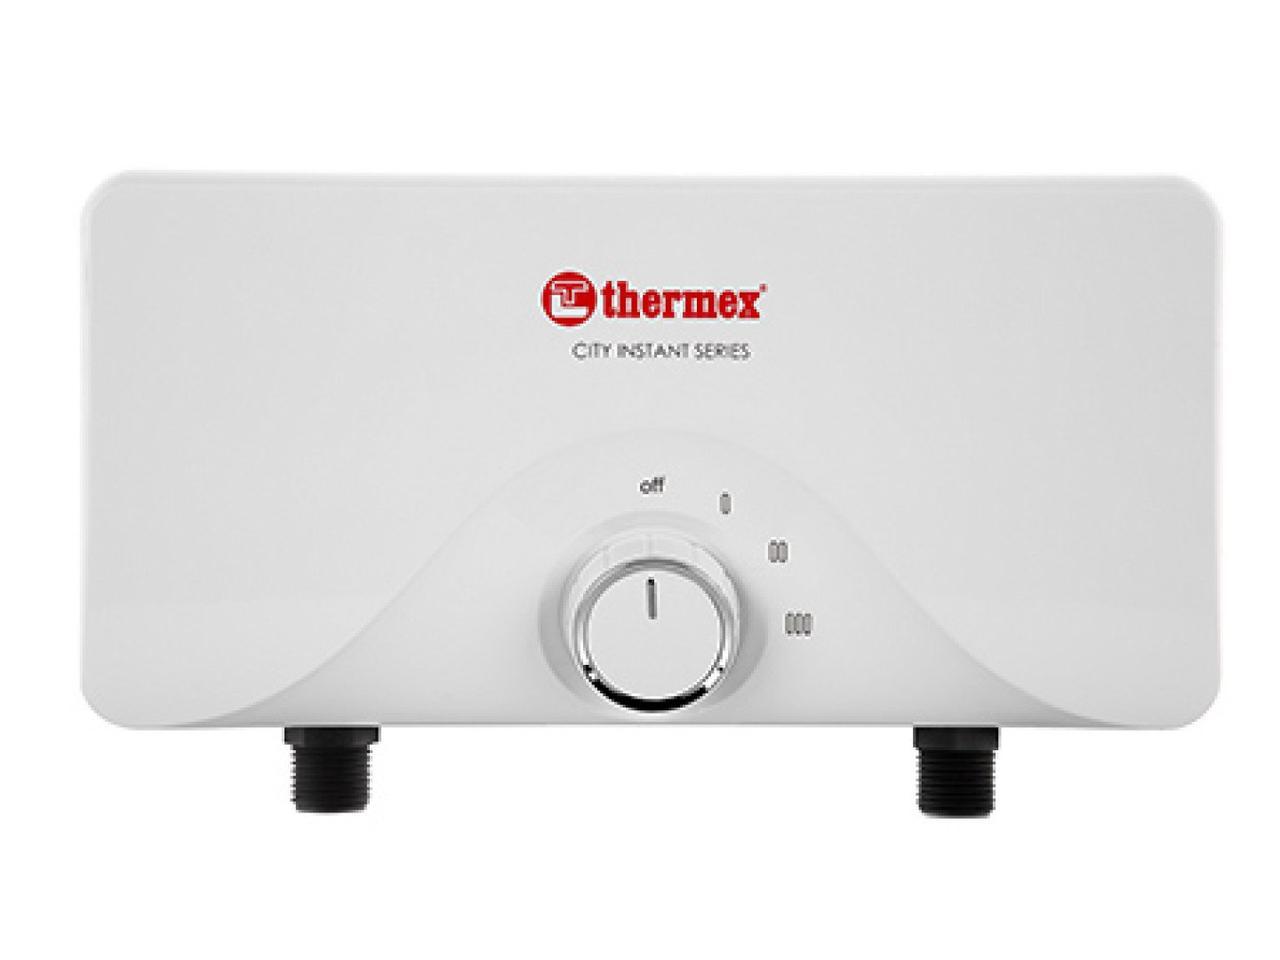 Електричні проточні водонагрівачі Thermex City 6500